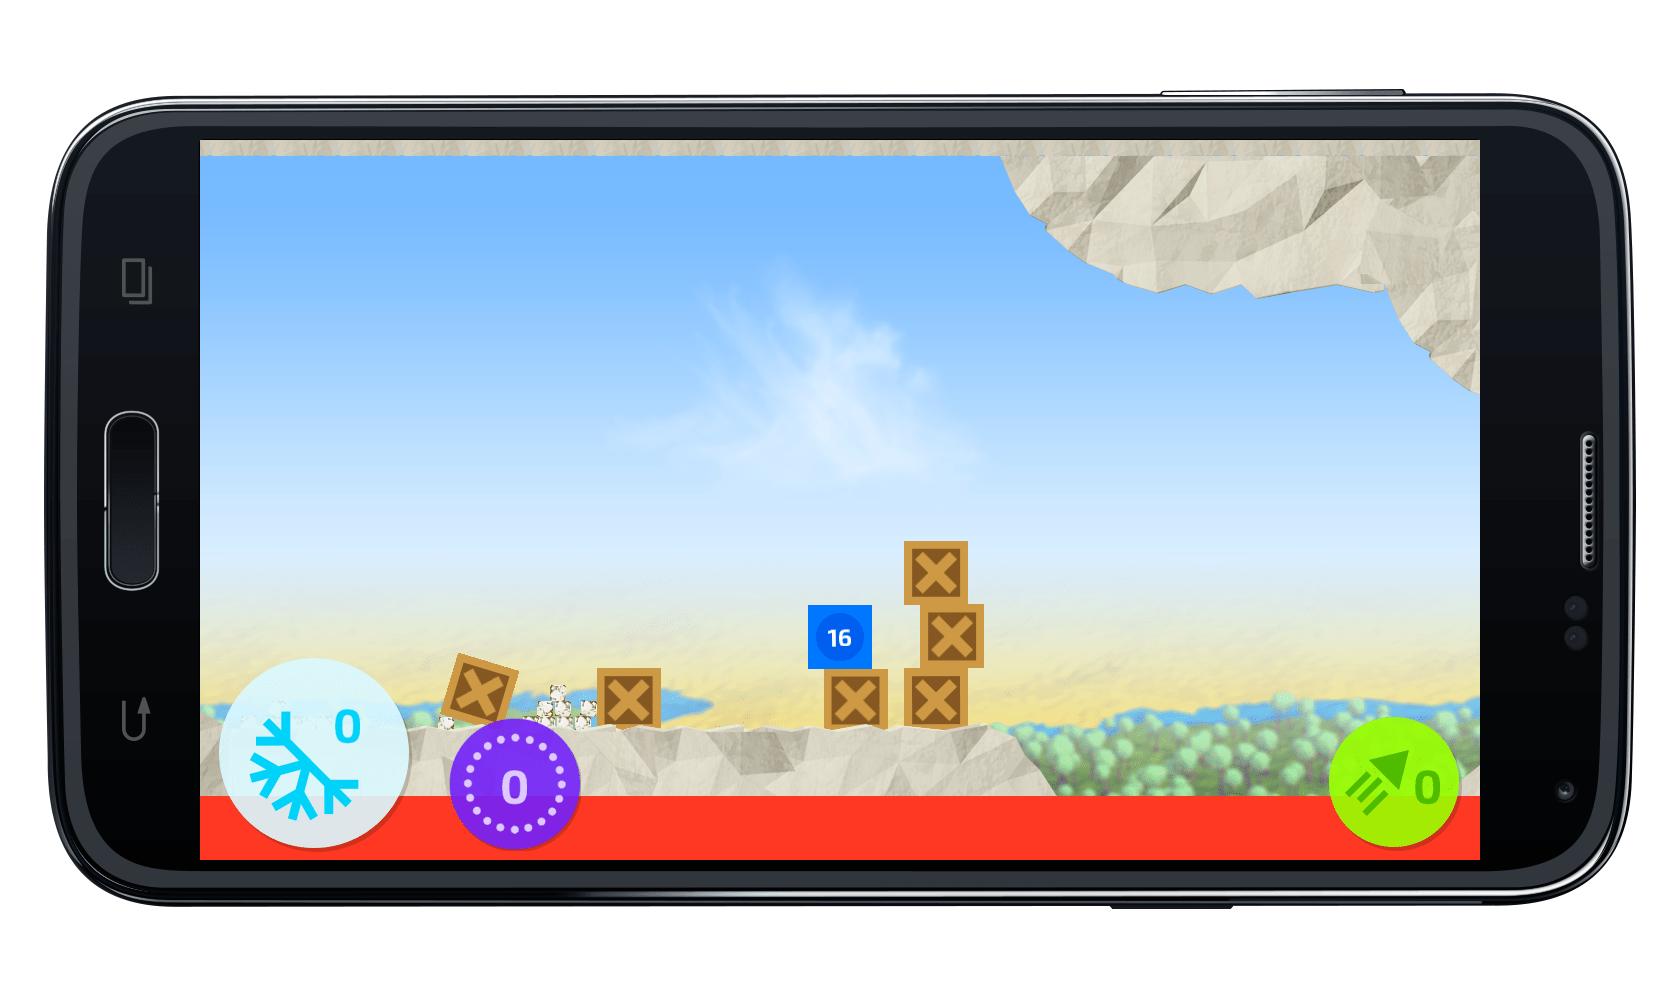 Графика и музыка игры Escbox Сайт Артура Нецветаева — сайты, приложения, прототипы и оформление интерфейсов 11